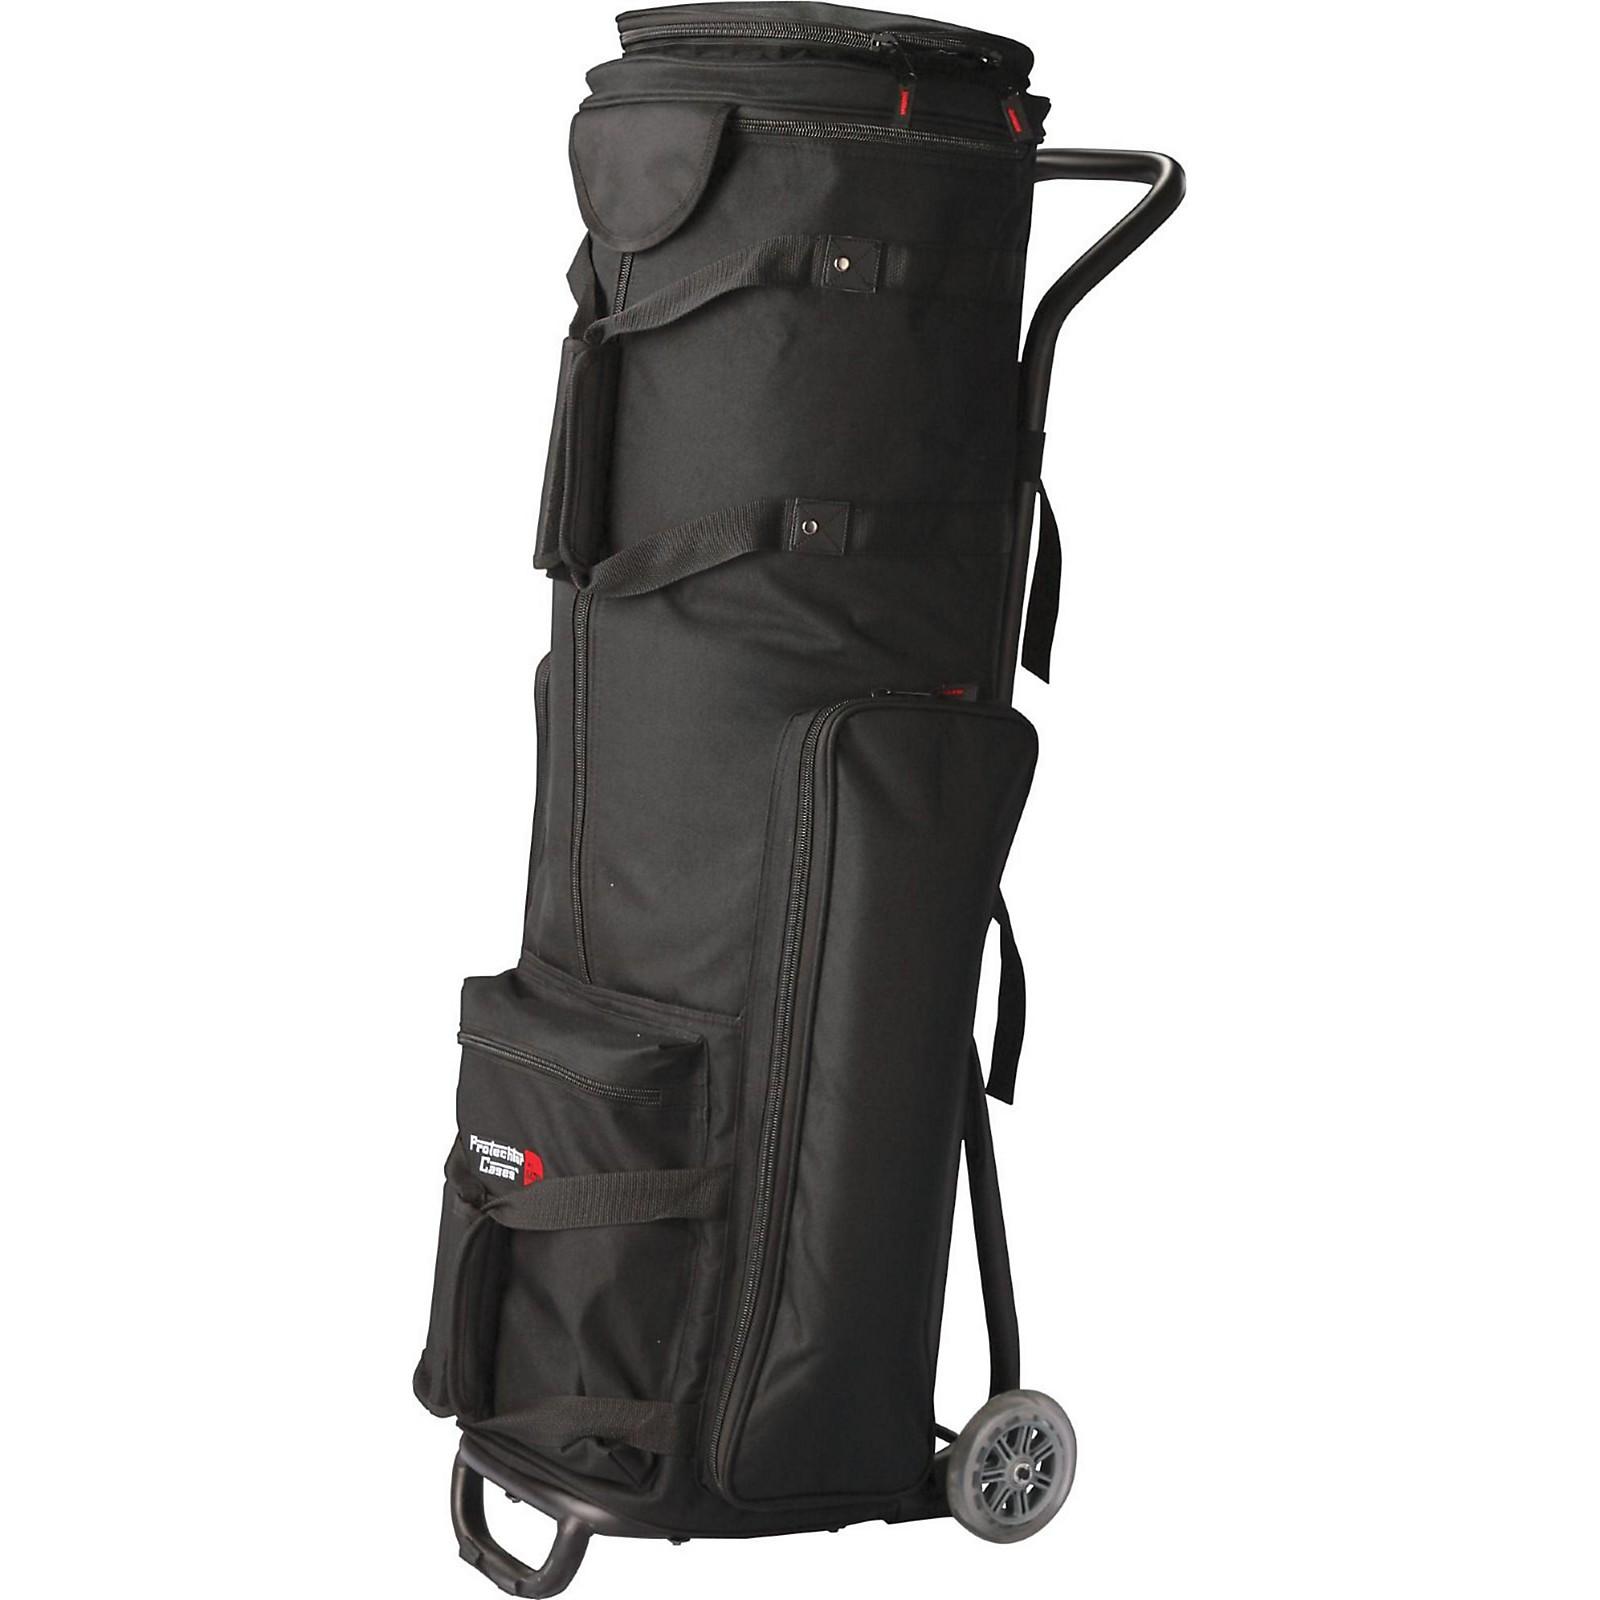 Gator Drumcart Hardware Bag